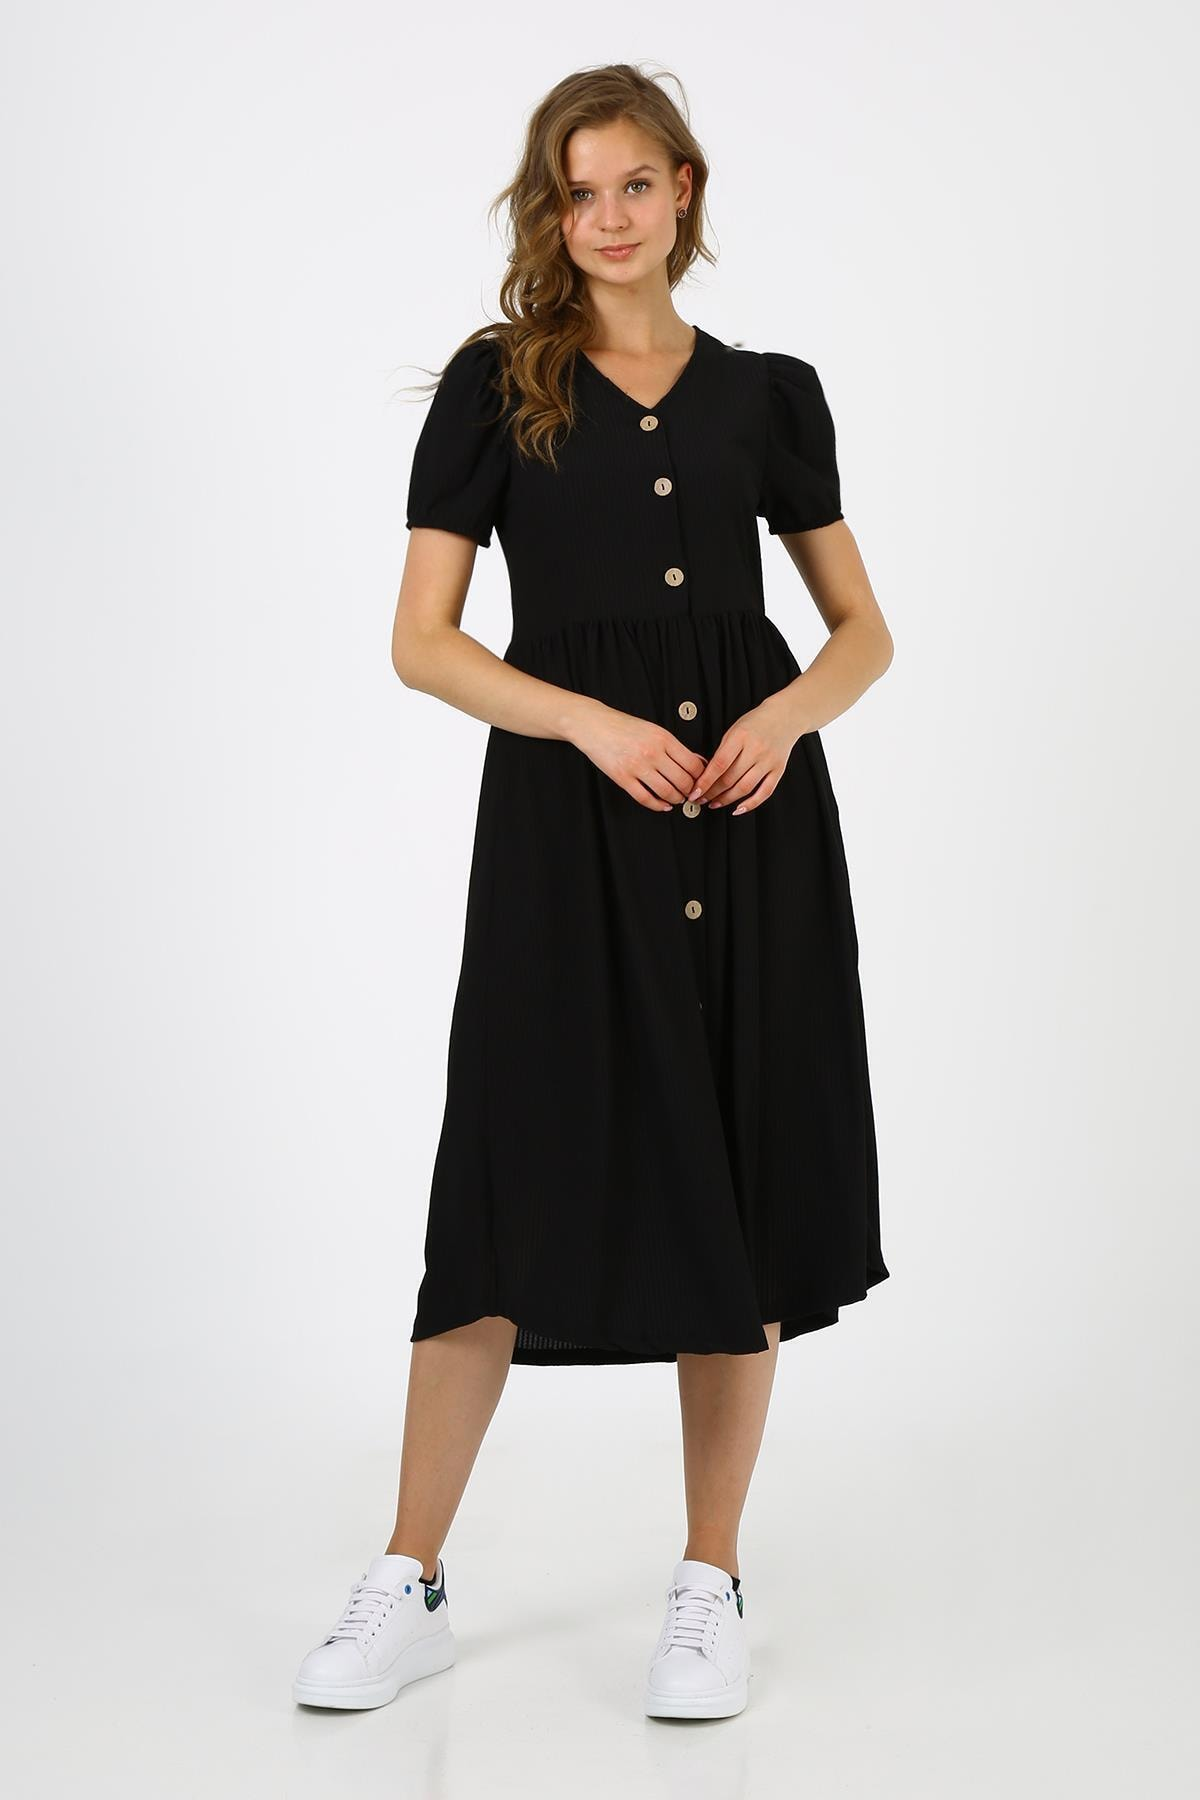 Kadın Siyah Önü Düğmeli Balon Kol Elbise (b21-4050)